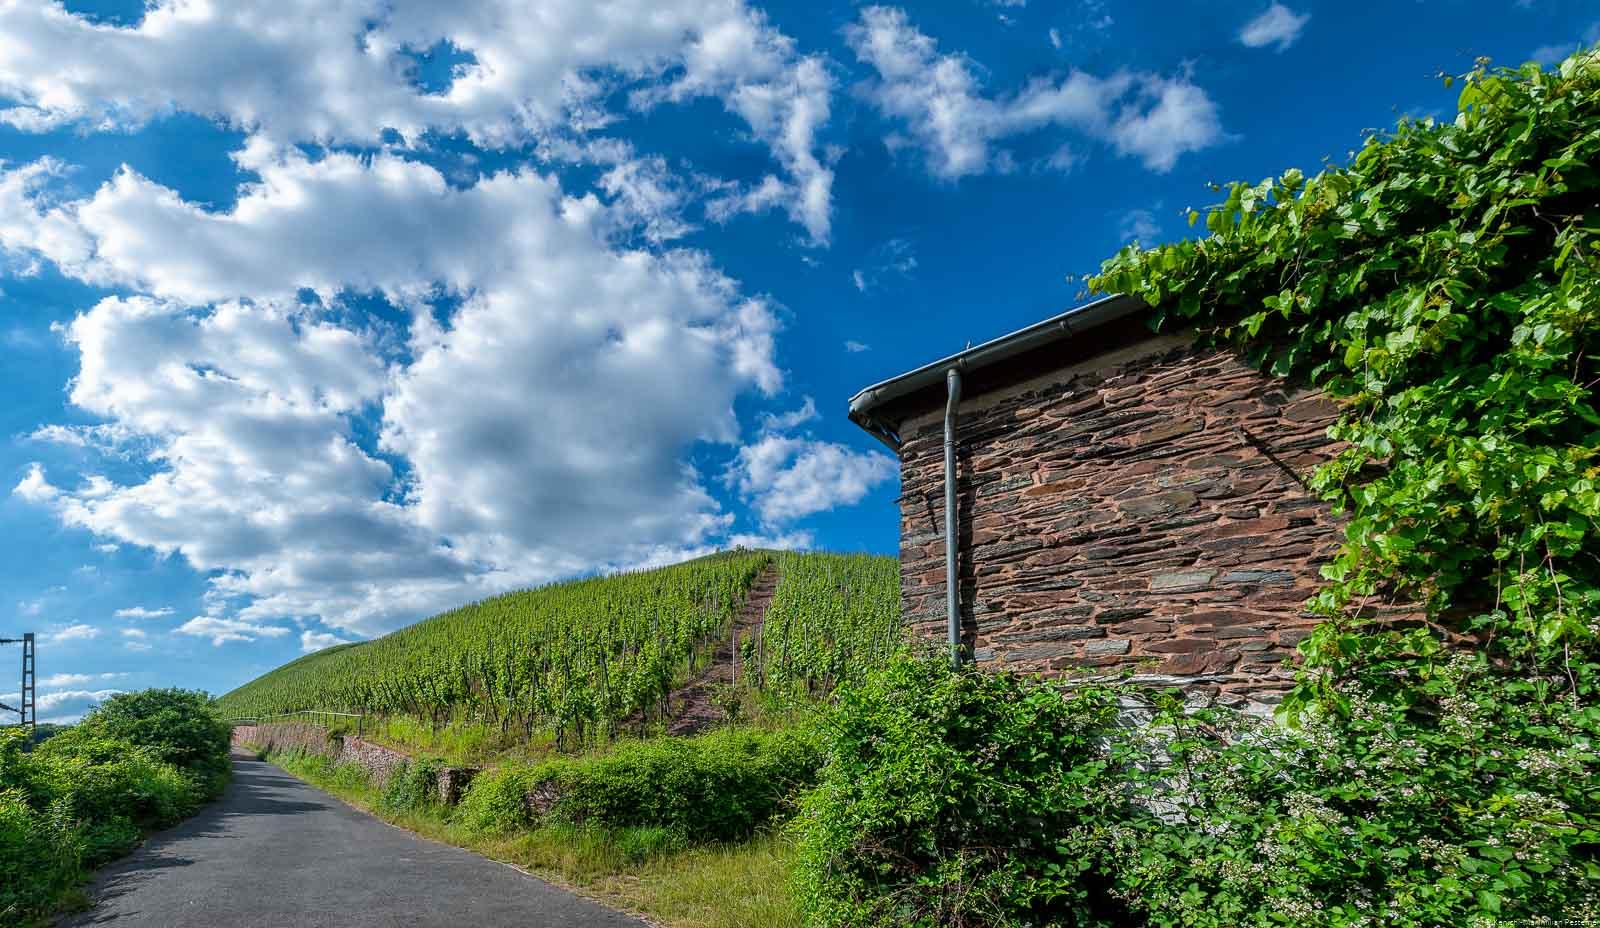 Der Weinberg Wiltinger Gottesfuß liegt nahe der Saar und wir nur durch Gleise von dieser getrennt. Auf dem Bild erkennt man außerdem den Weinberg Wiltinger Braune Kupp.